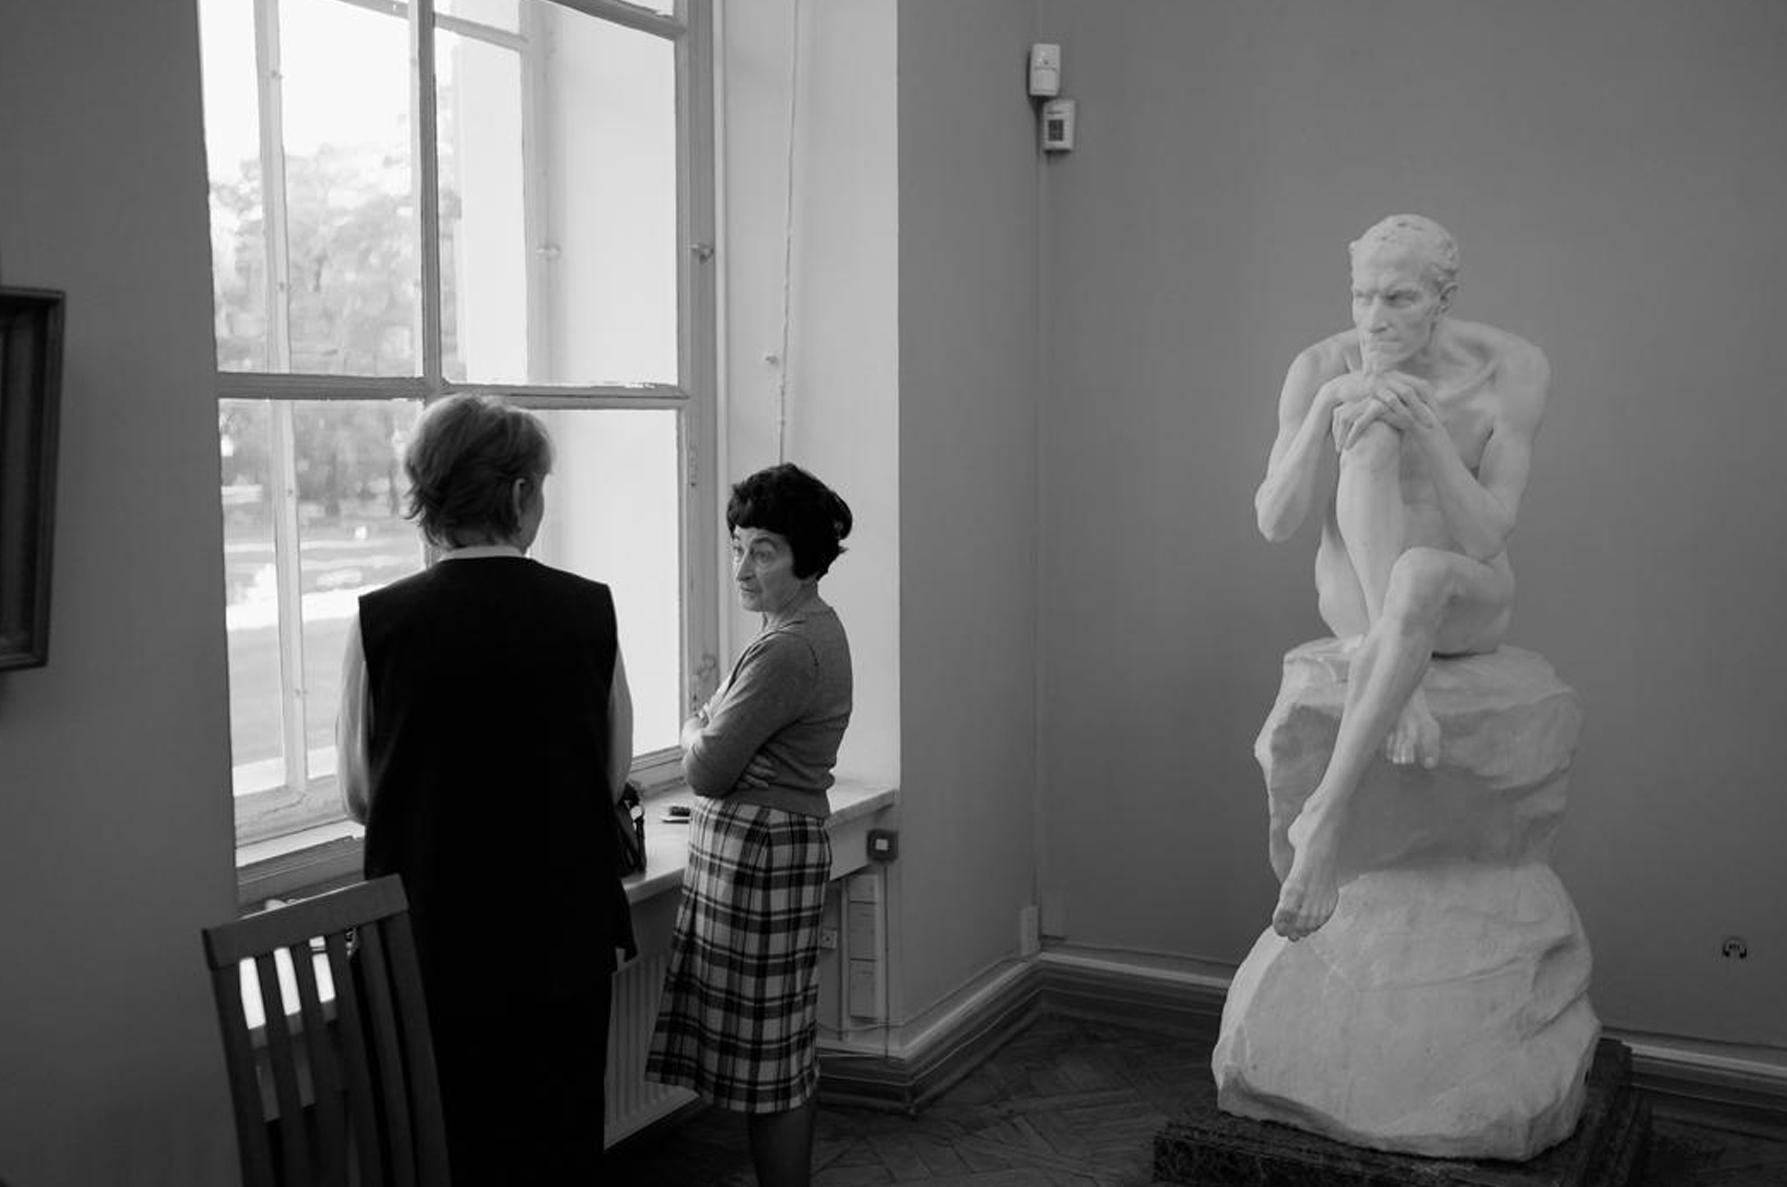 Стюарт Франклин. Санкт-Петербург. Государственный Русский Музей. 2010